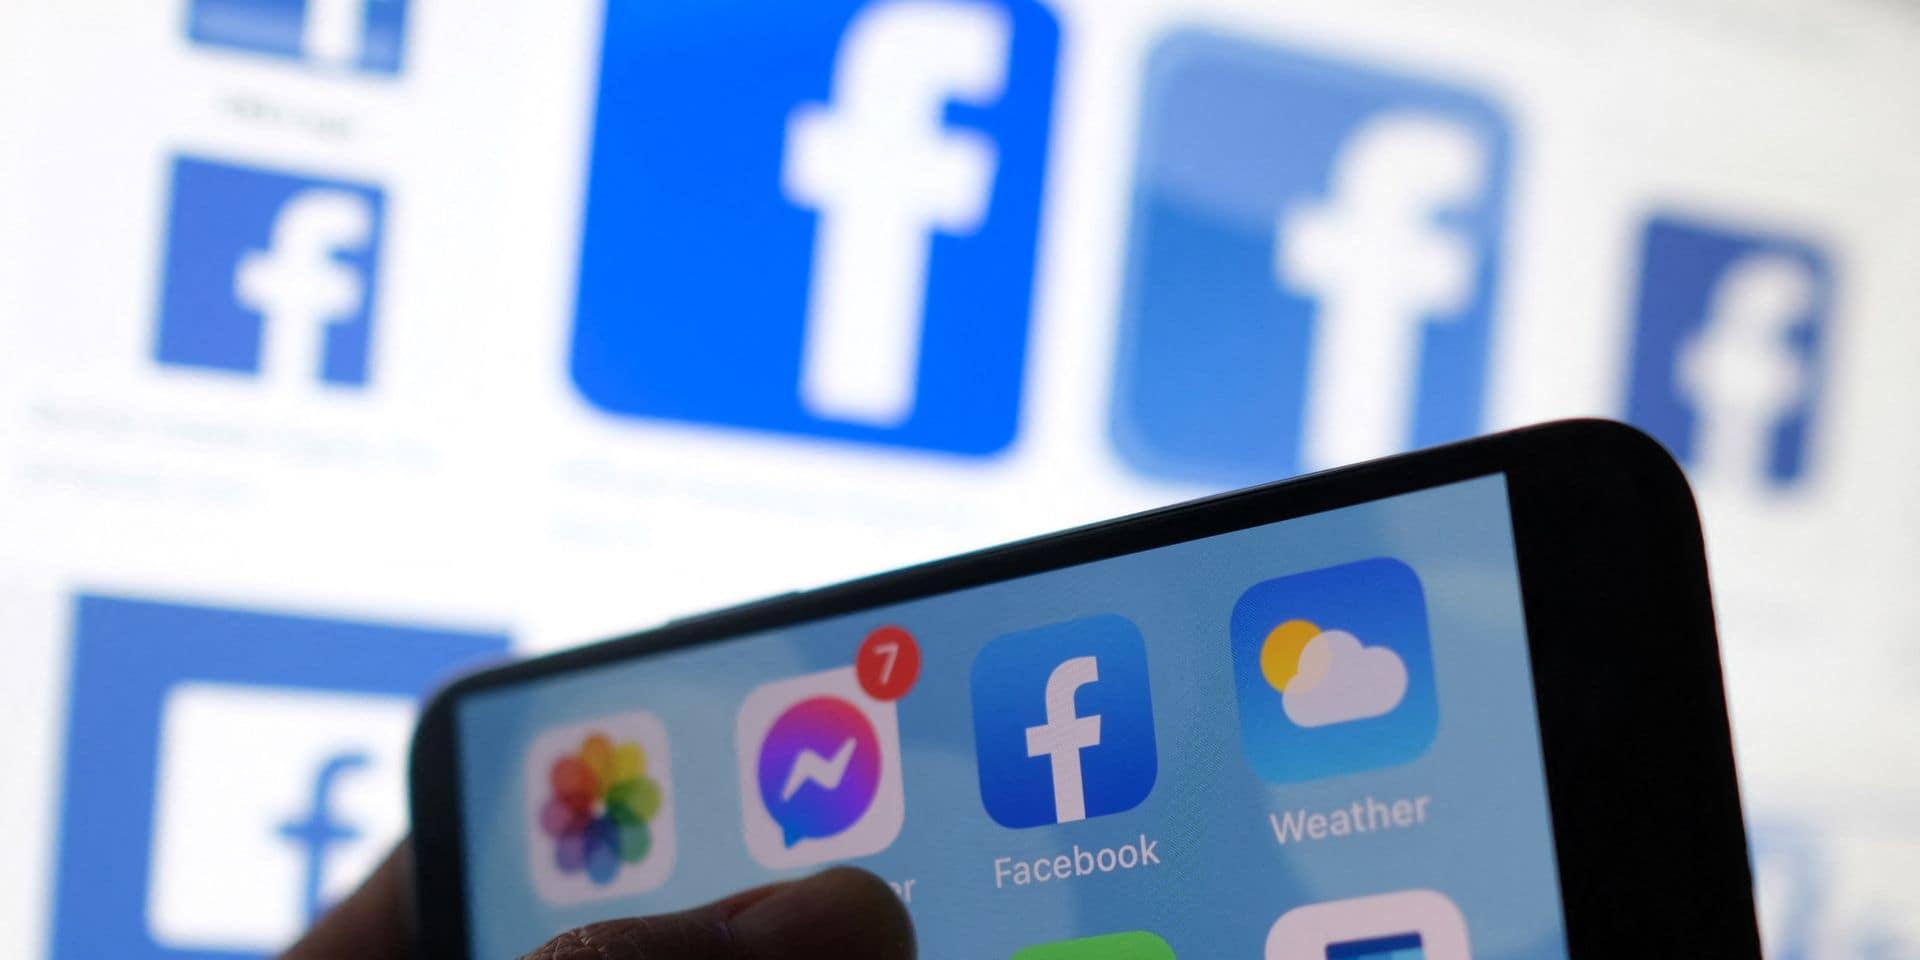 Fuite des données de 530 millions d'utilisateurs : un email interne montre que Facebook a ignoré le problème pendant deux ans